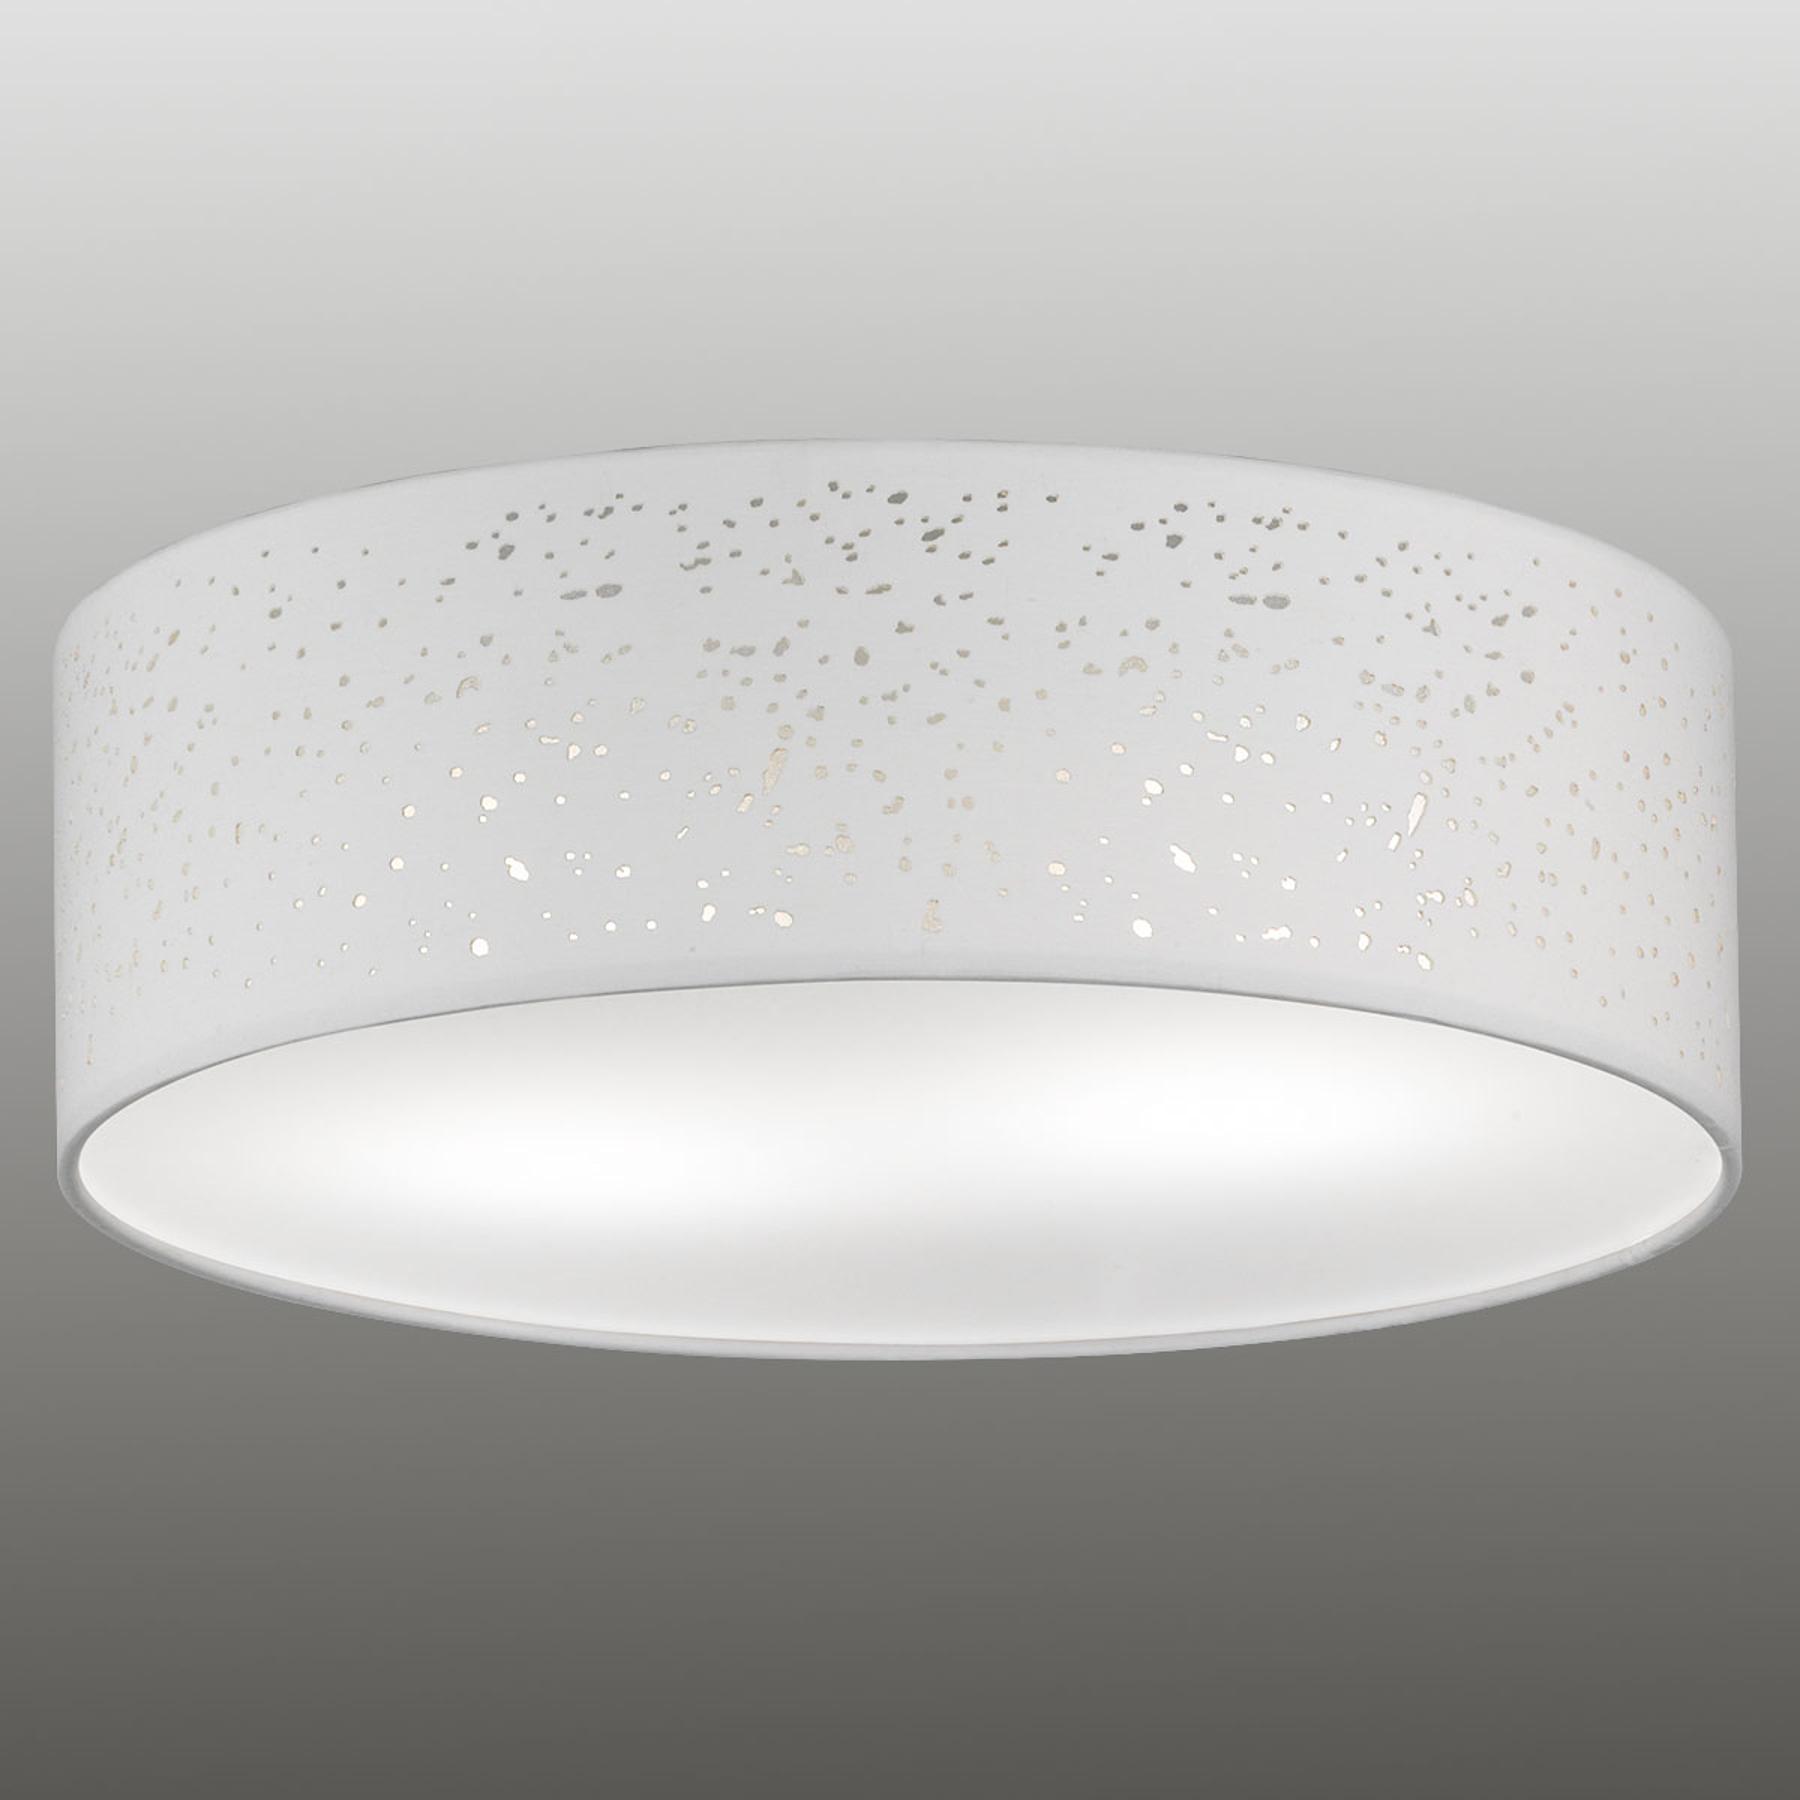 Produktové foto FISCHER & HONSEL Stropní světlo Thor bílé